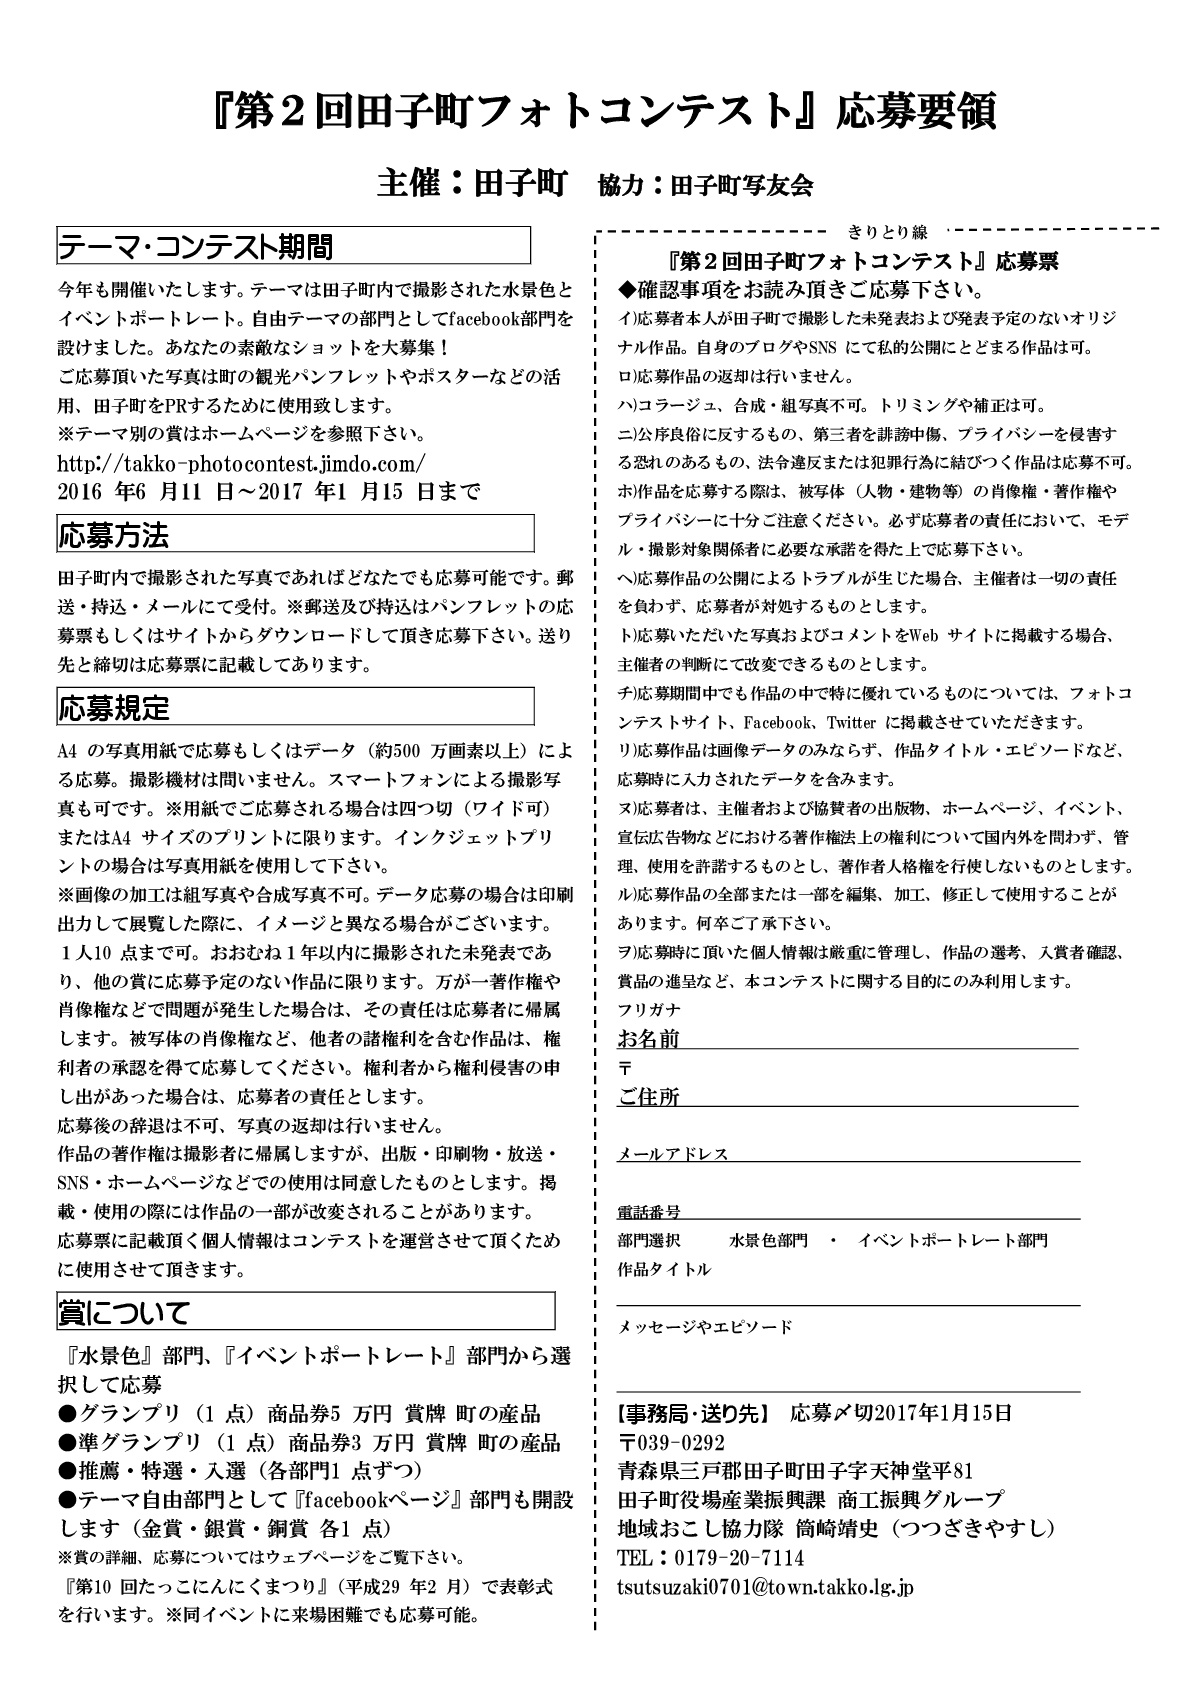 『第2回田子町フォトコンテスト』応募票